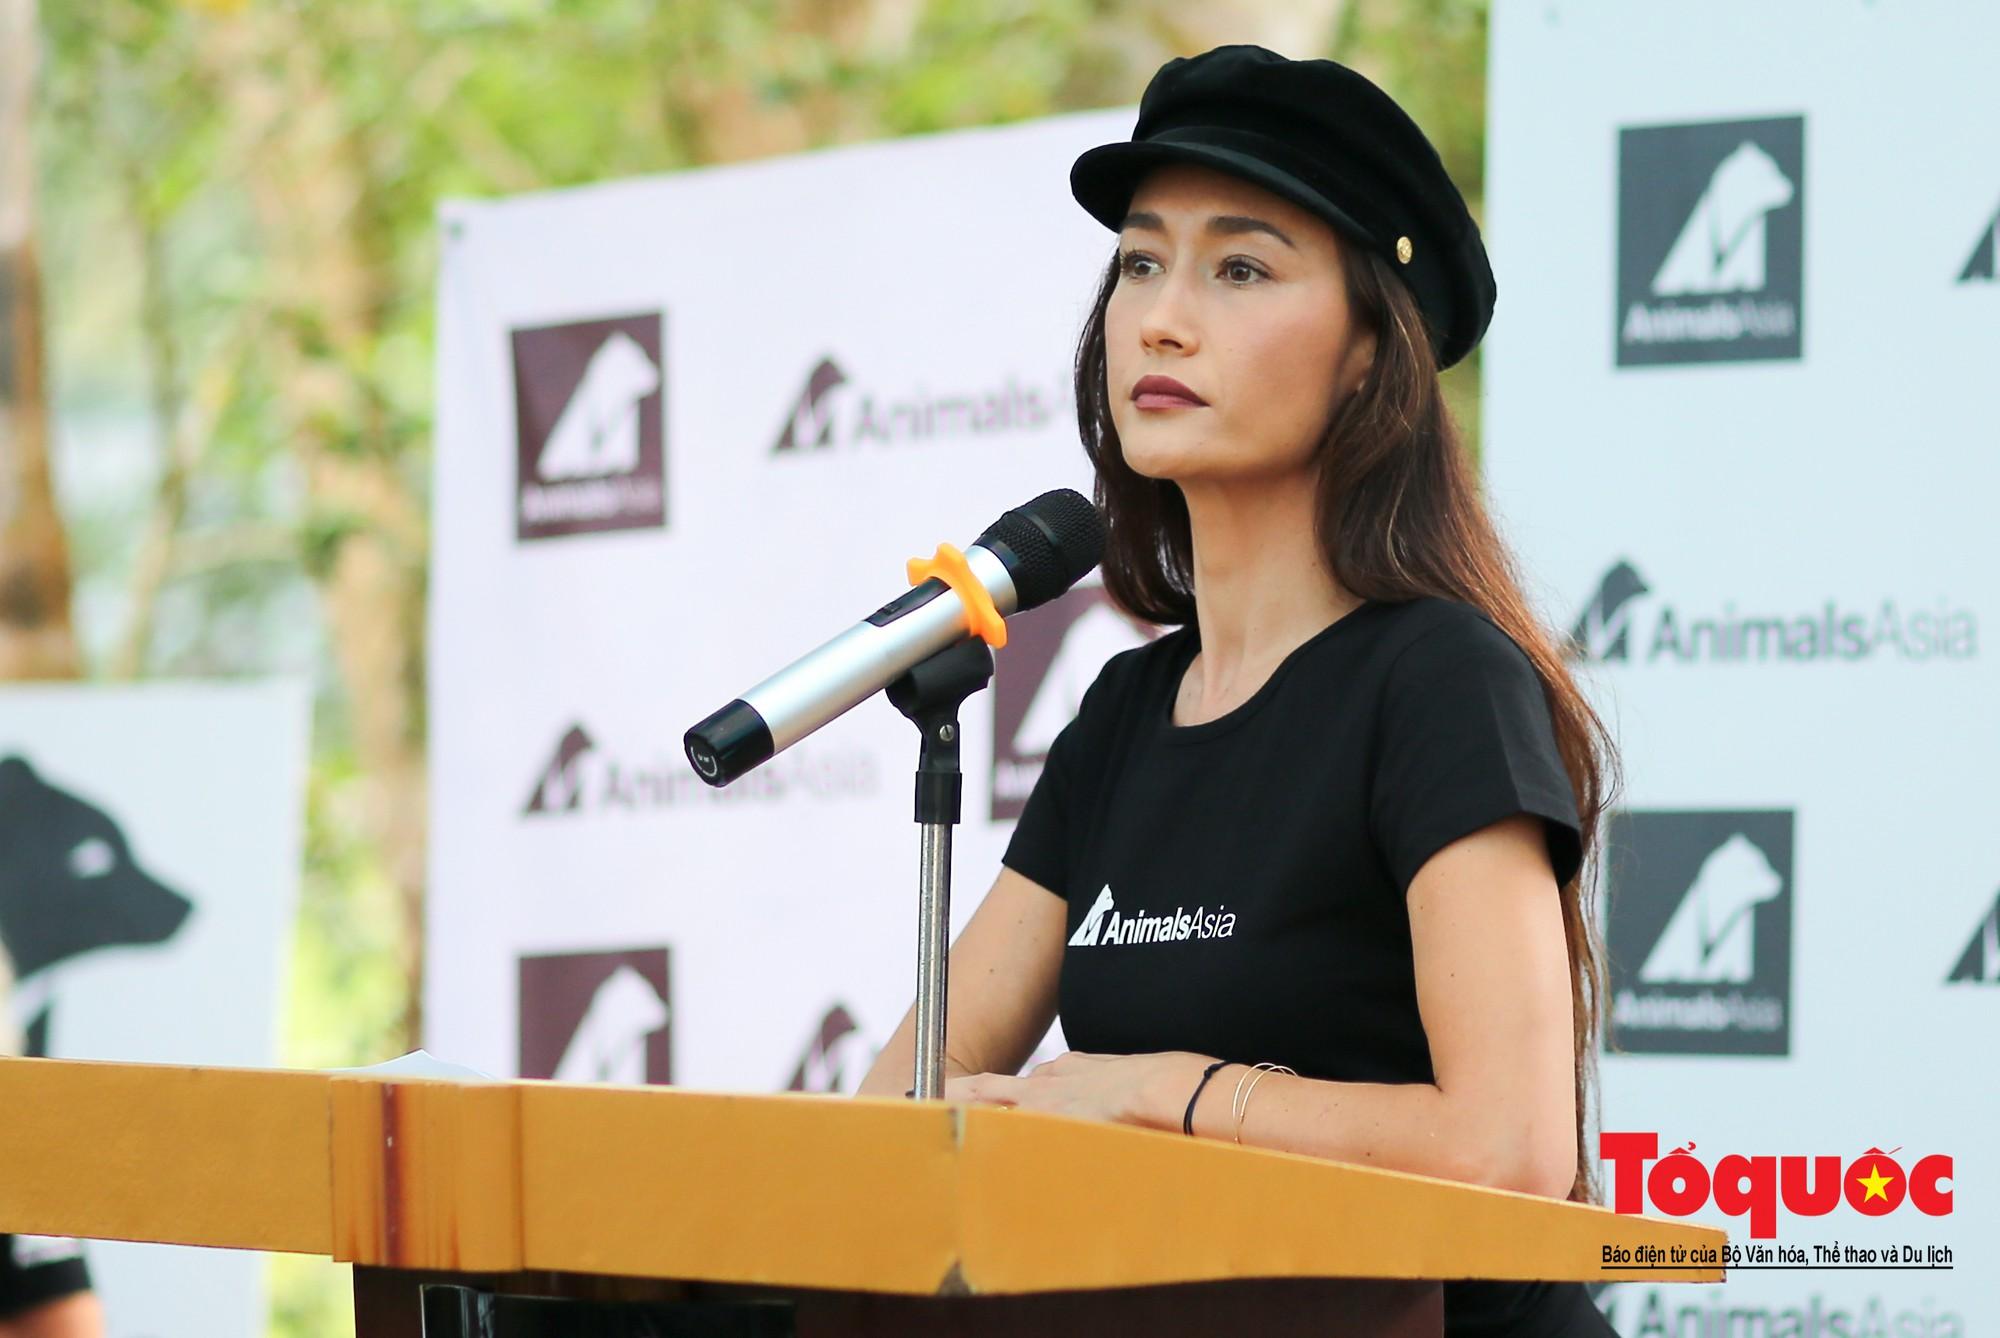 Ngôi sao Hollywood người Mỹ gốc Việt Maggie Q thăm Trung tâm Cứu hộ Gấu Việt Nam và đặt tên cho một chú gấu4